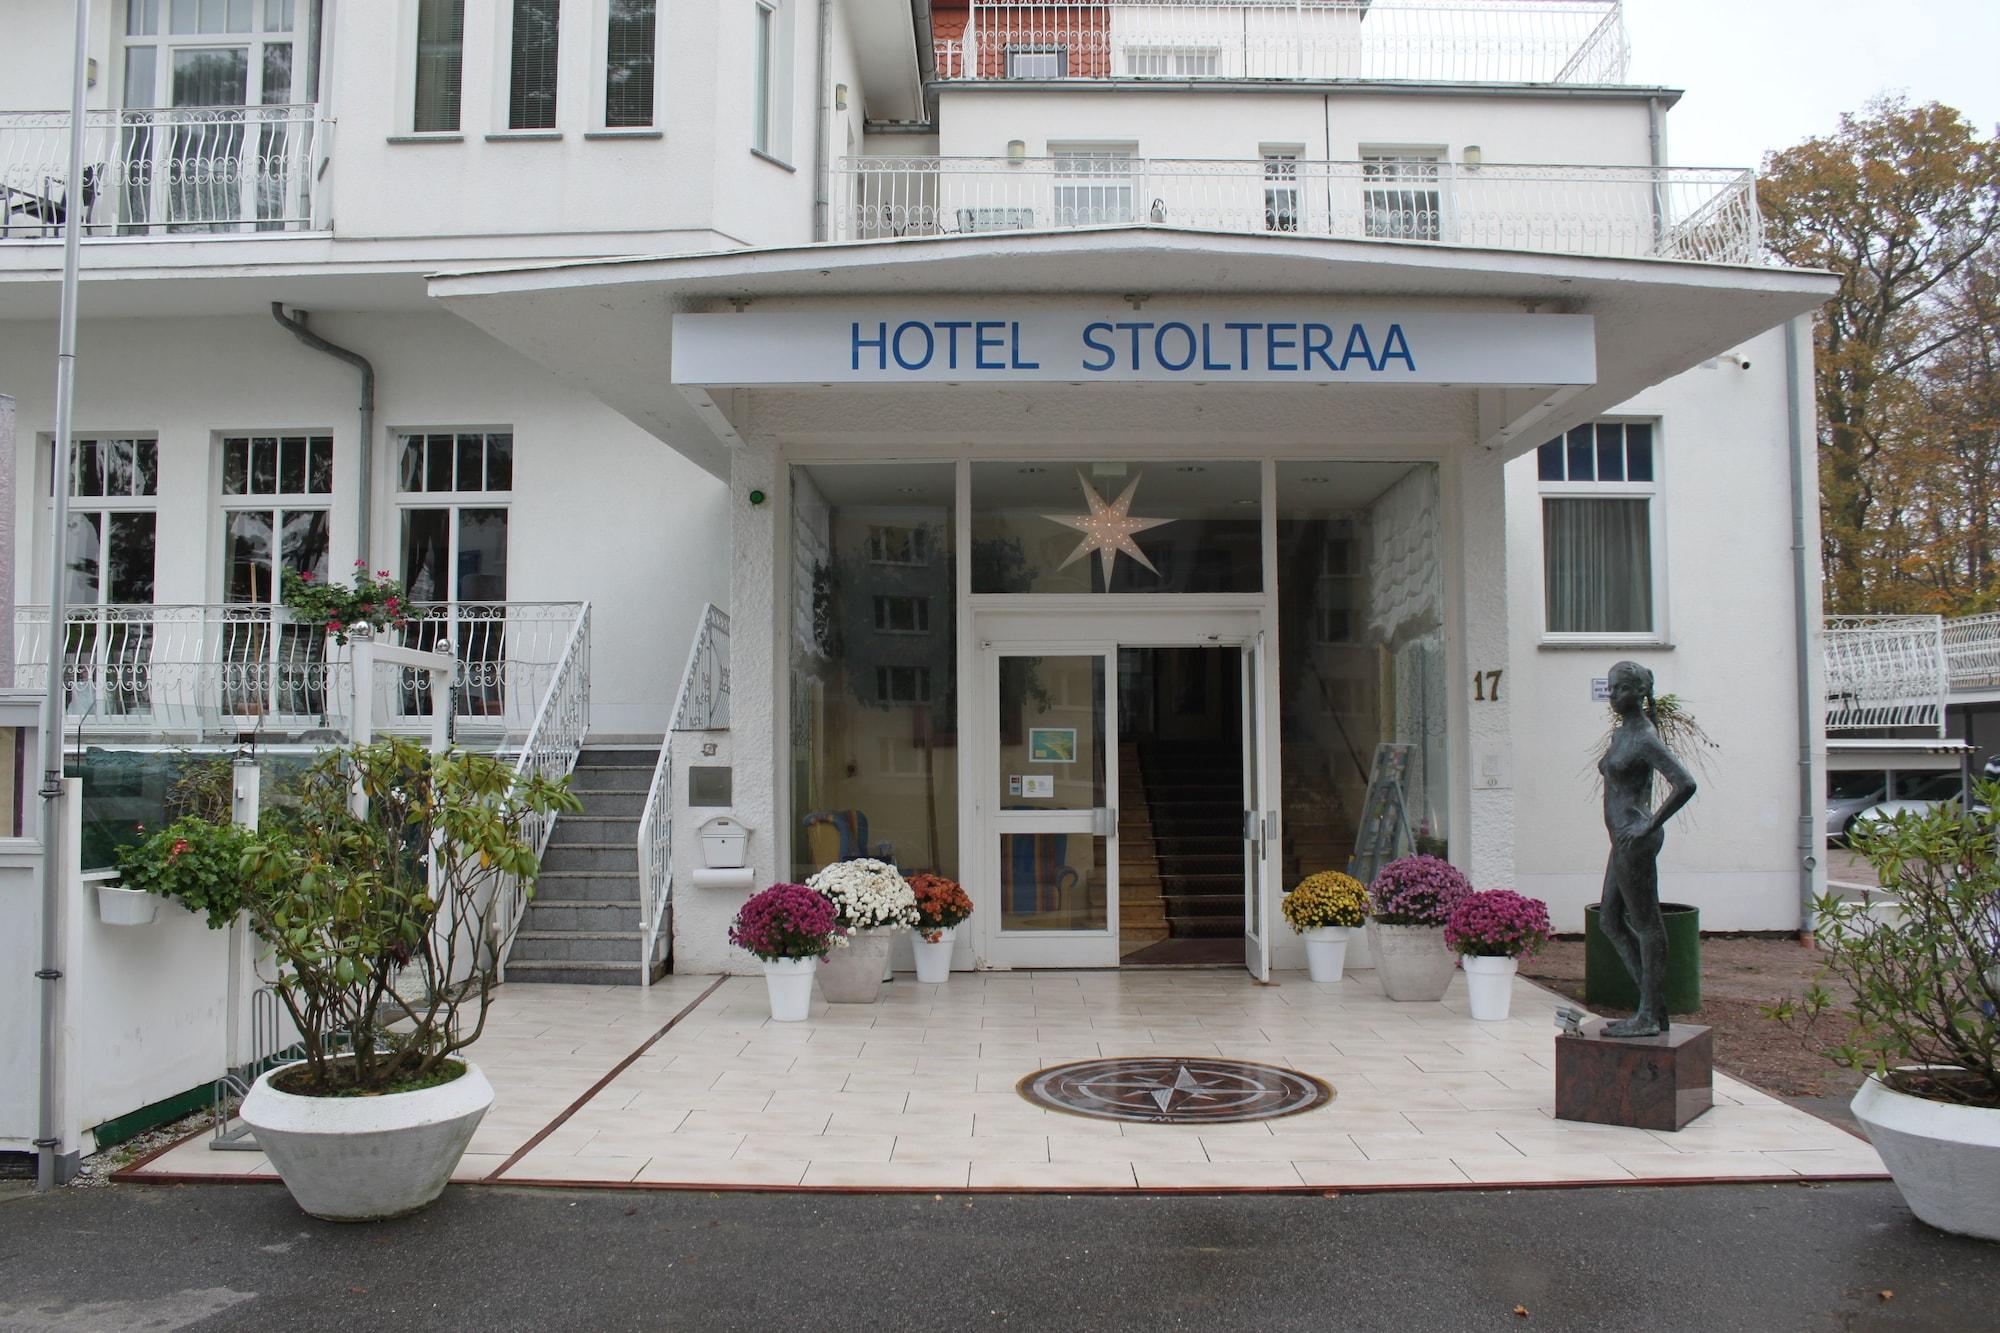 Hotel Stolteraa, Rostock